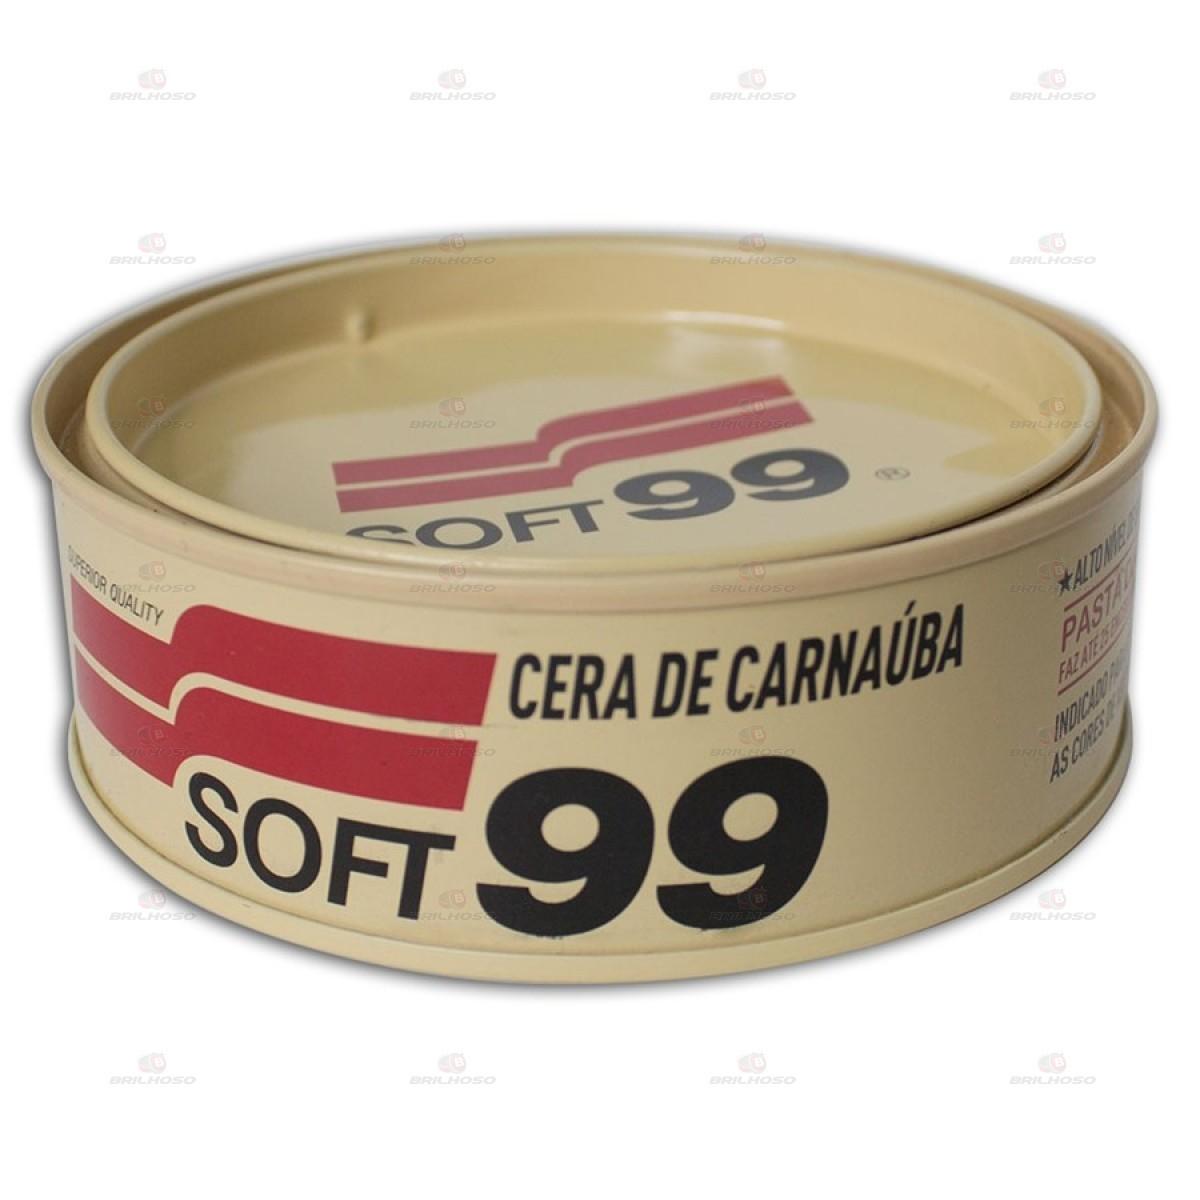 Soft99 Cera de Carnaúba All Colors 100g